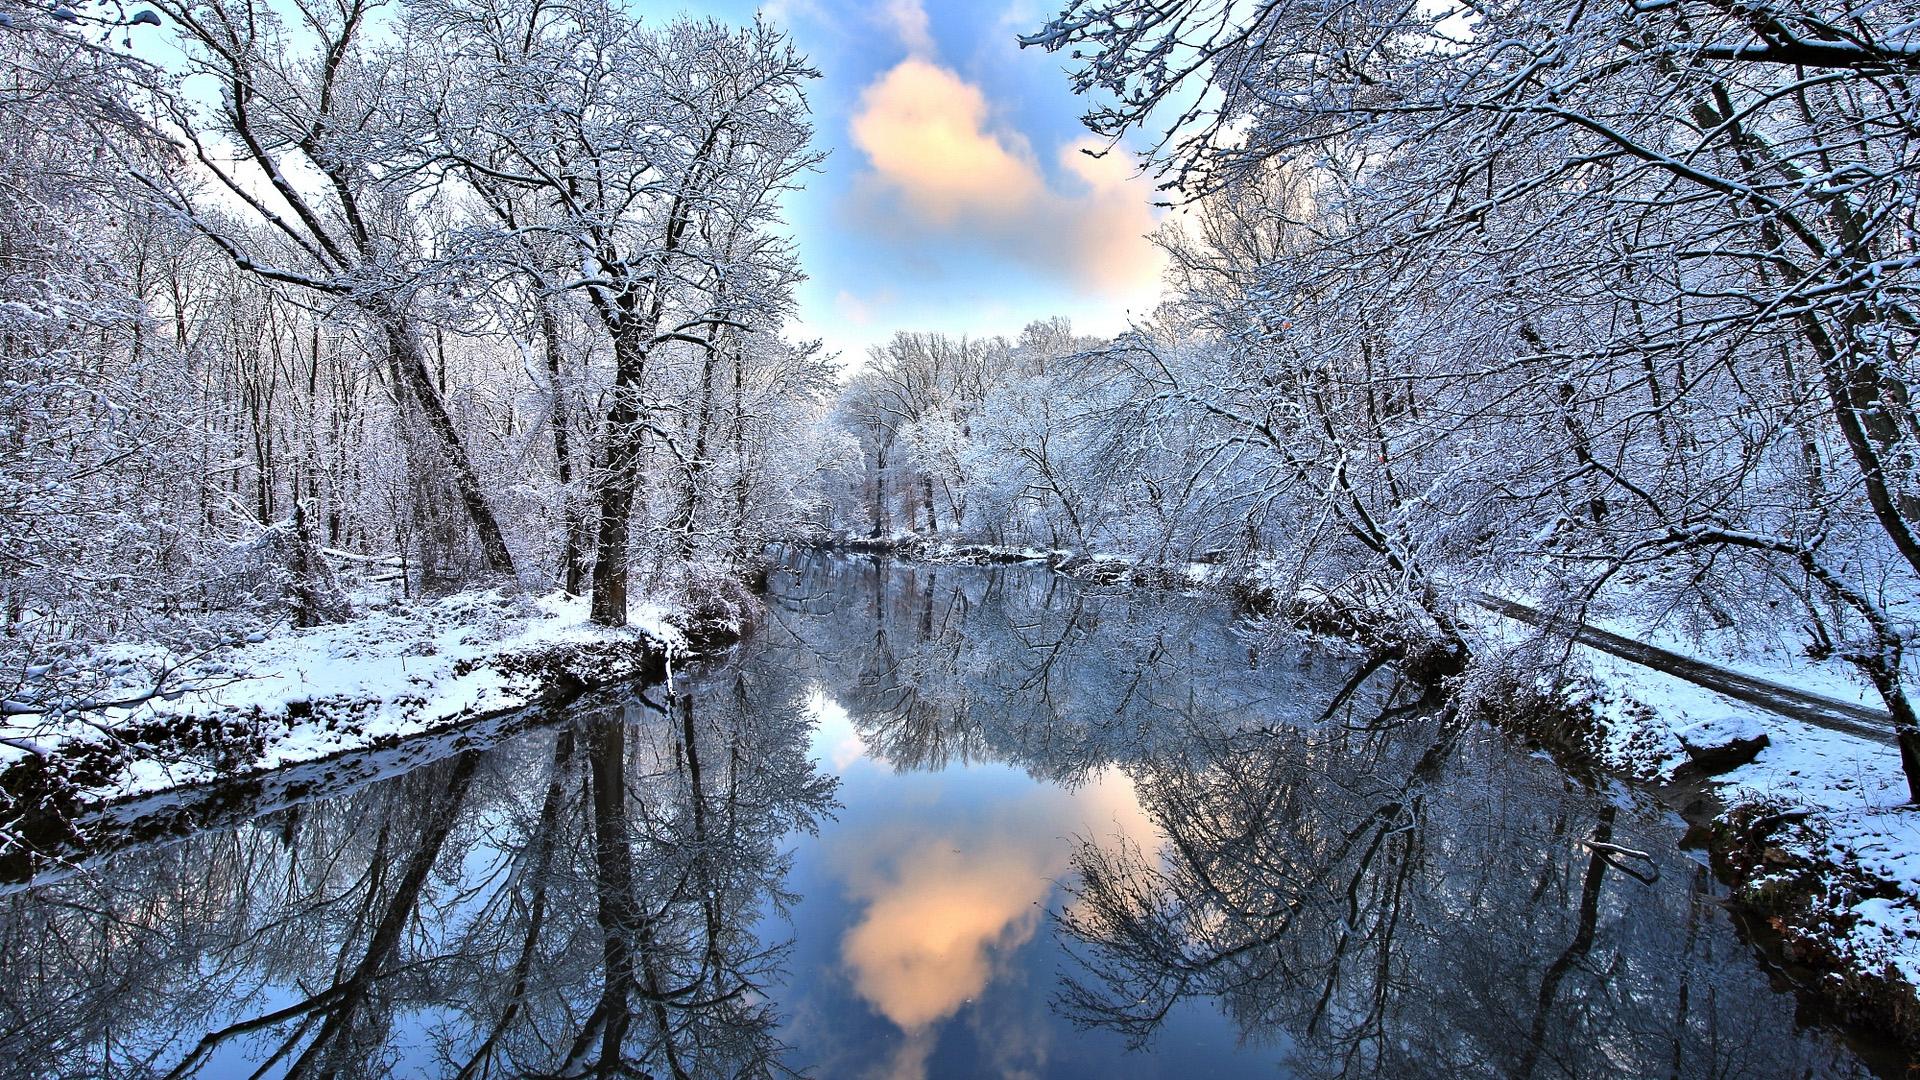 речка мороз зима the river frost winter  № 456338 без смс